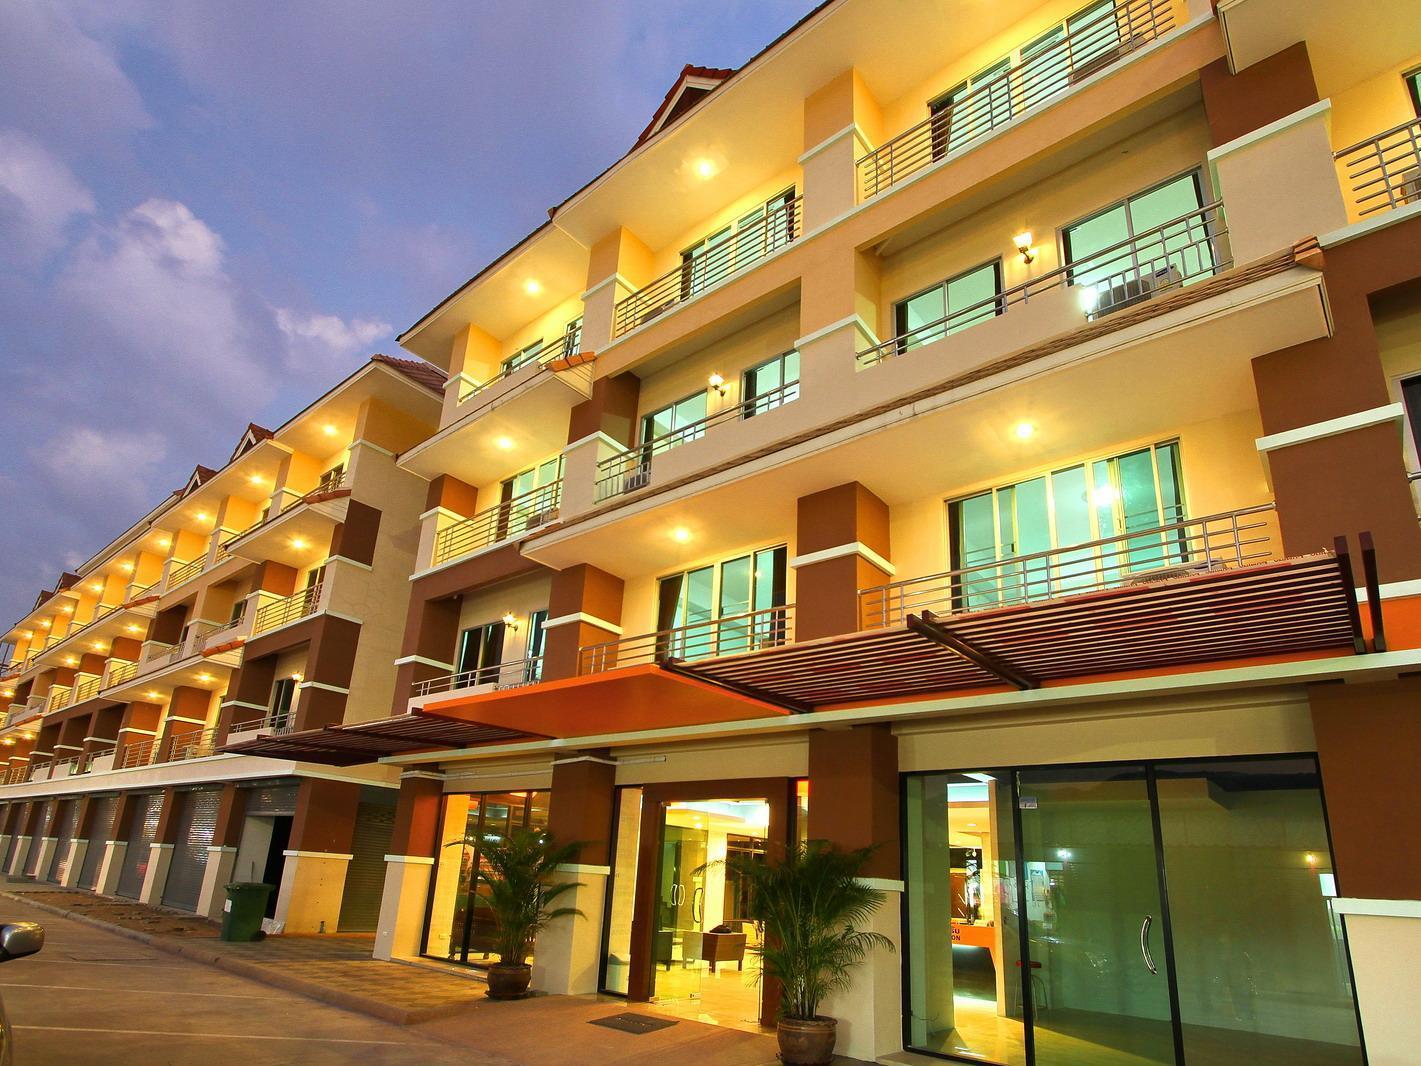 รีวิว มาลิน เรสซิเดนซ์ (Malin Residence) [CR] Pantip